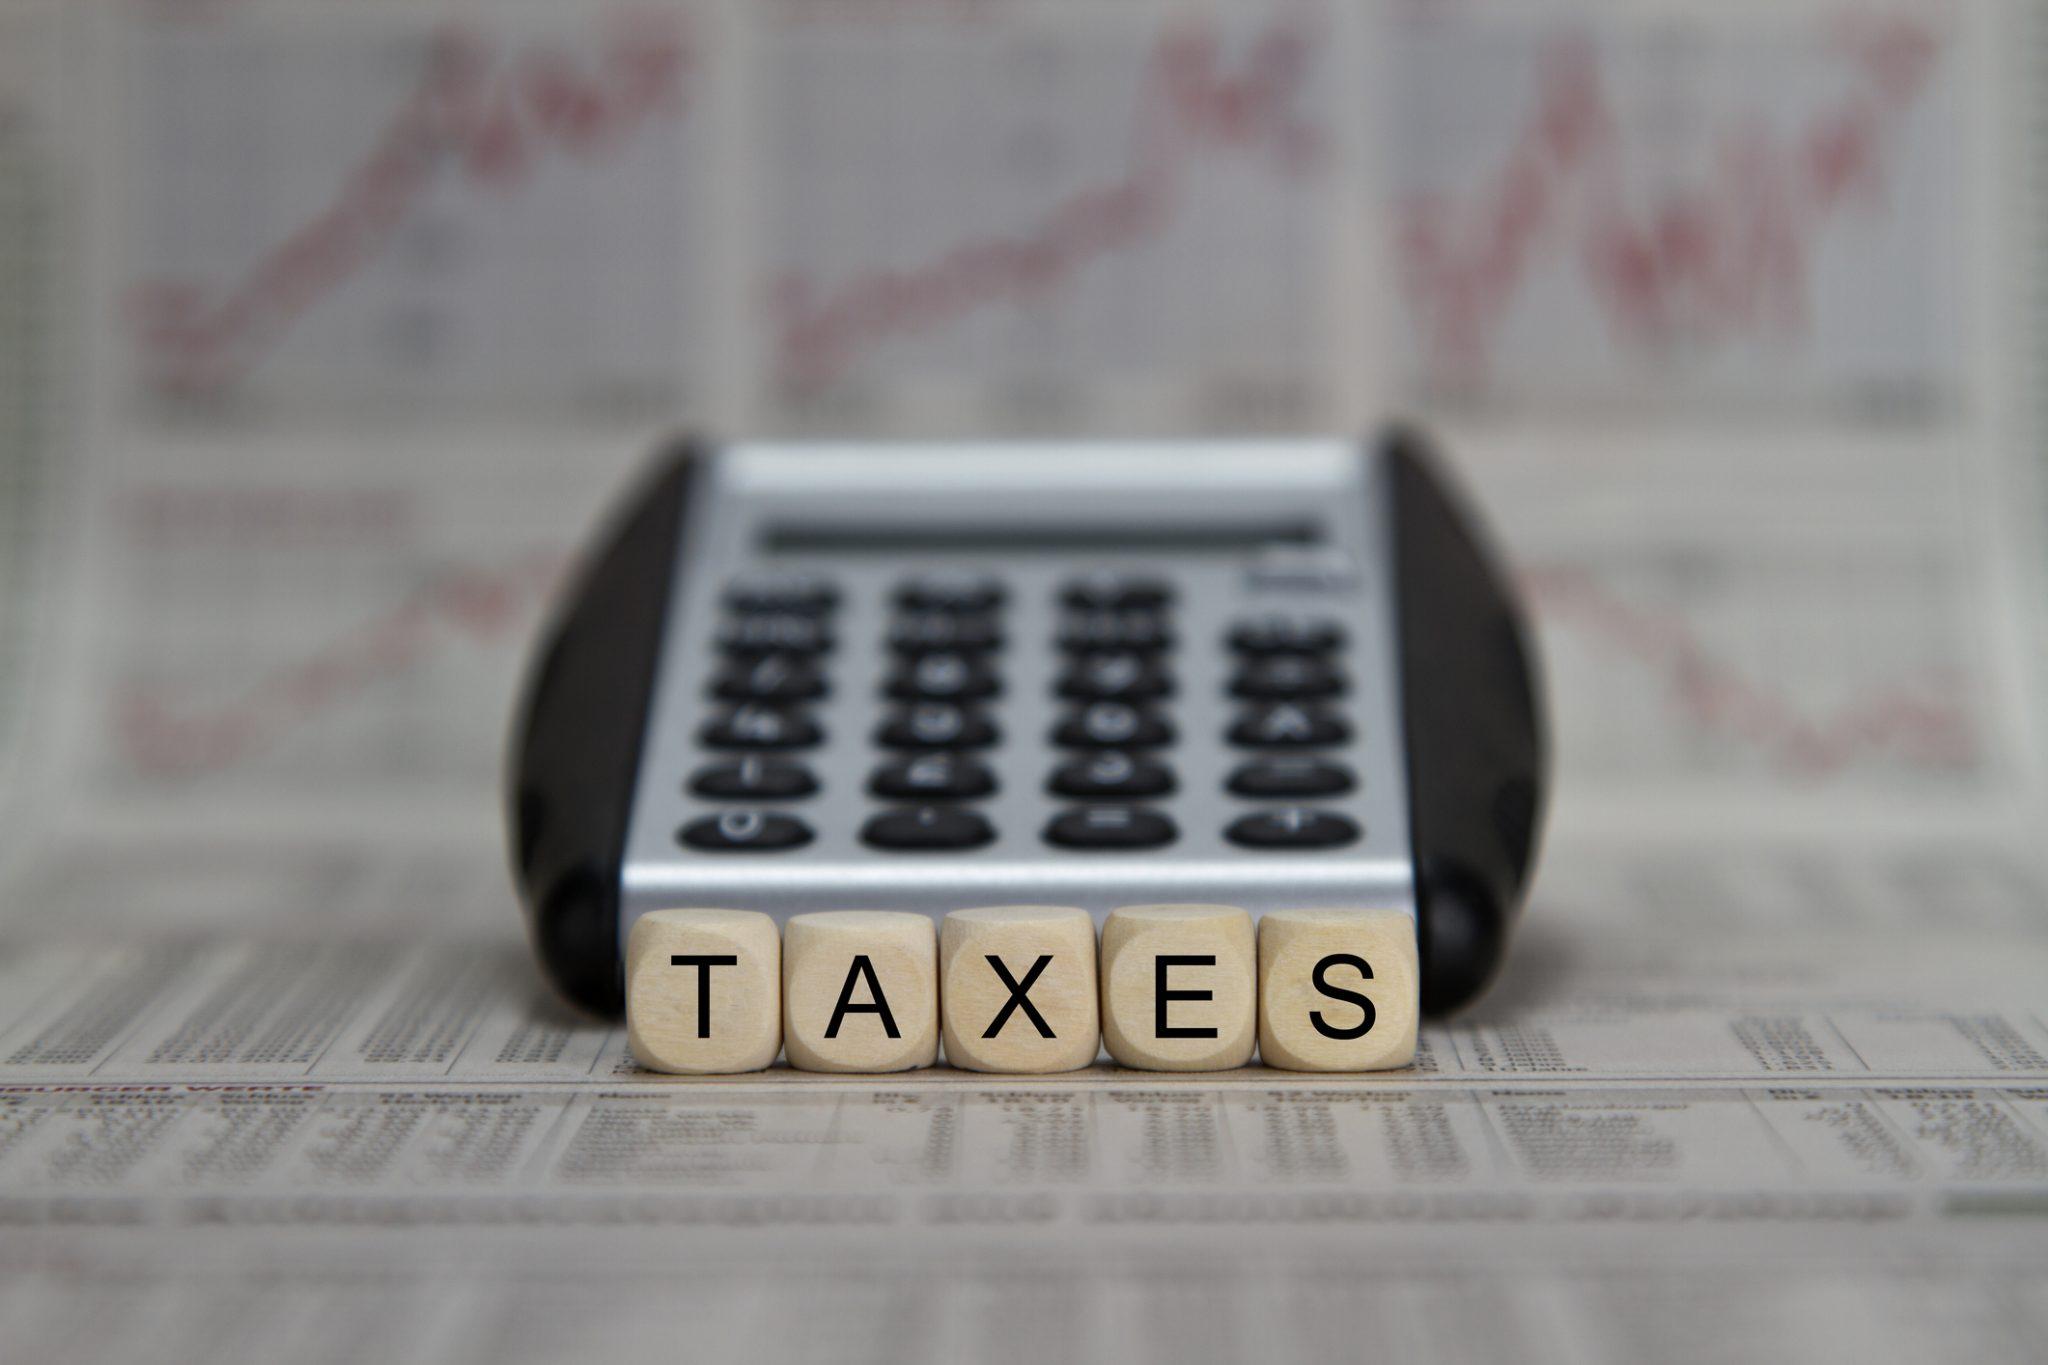 Taxe foncière taxes impôt taxe d'habitation